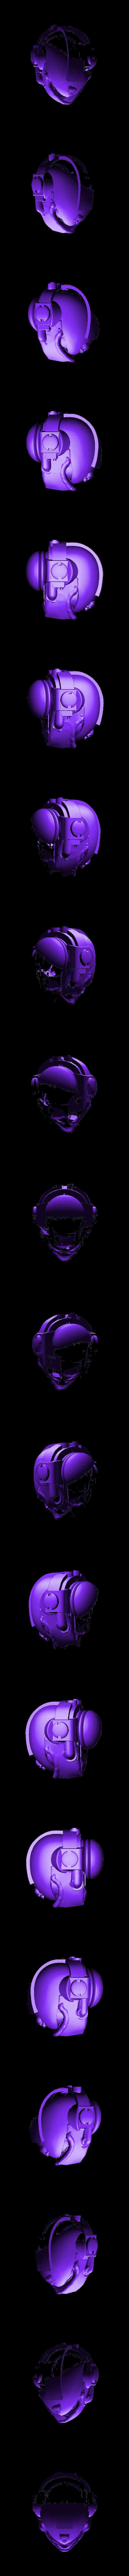 Head 3.stl Télécharger fichier STL gratuit L'équipe des Chevaliers gris Primaris • Modèle pour imprimante 3D, joeldawson93